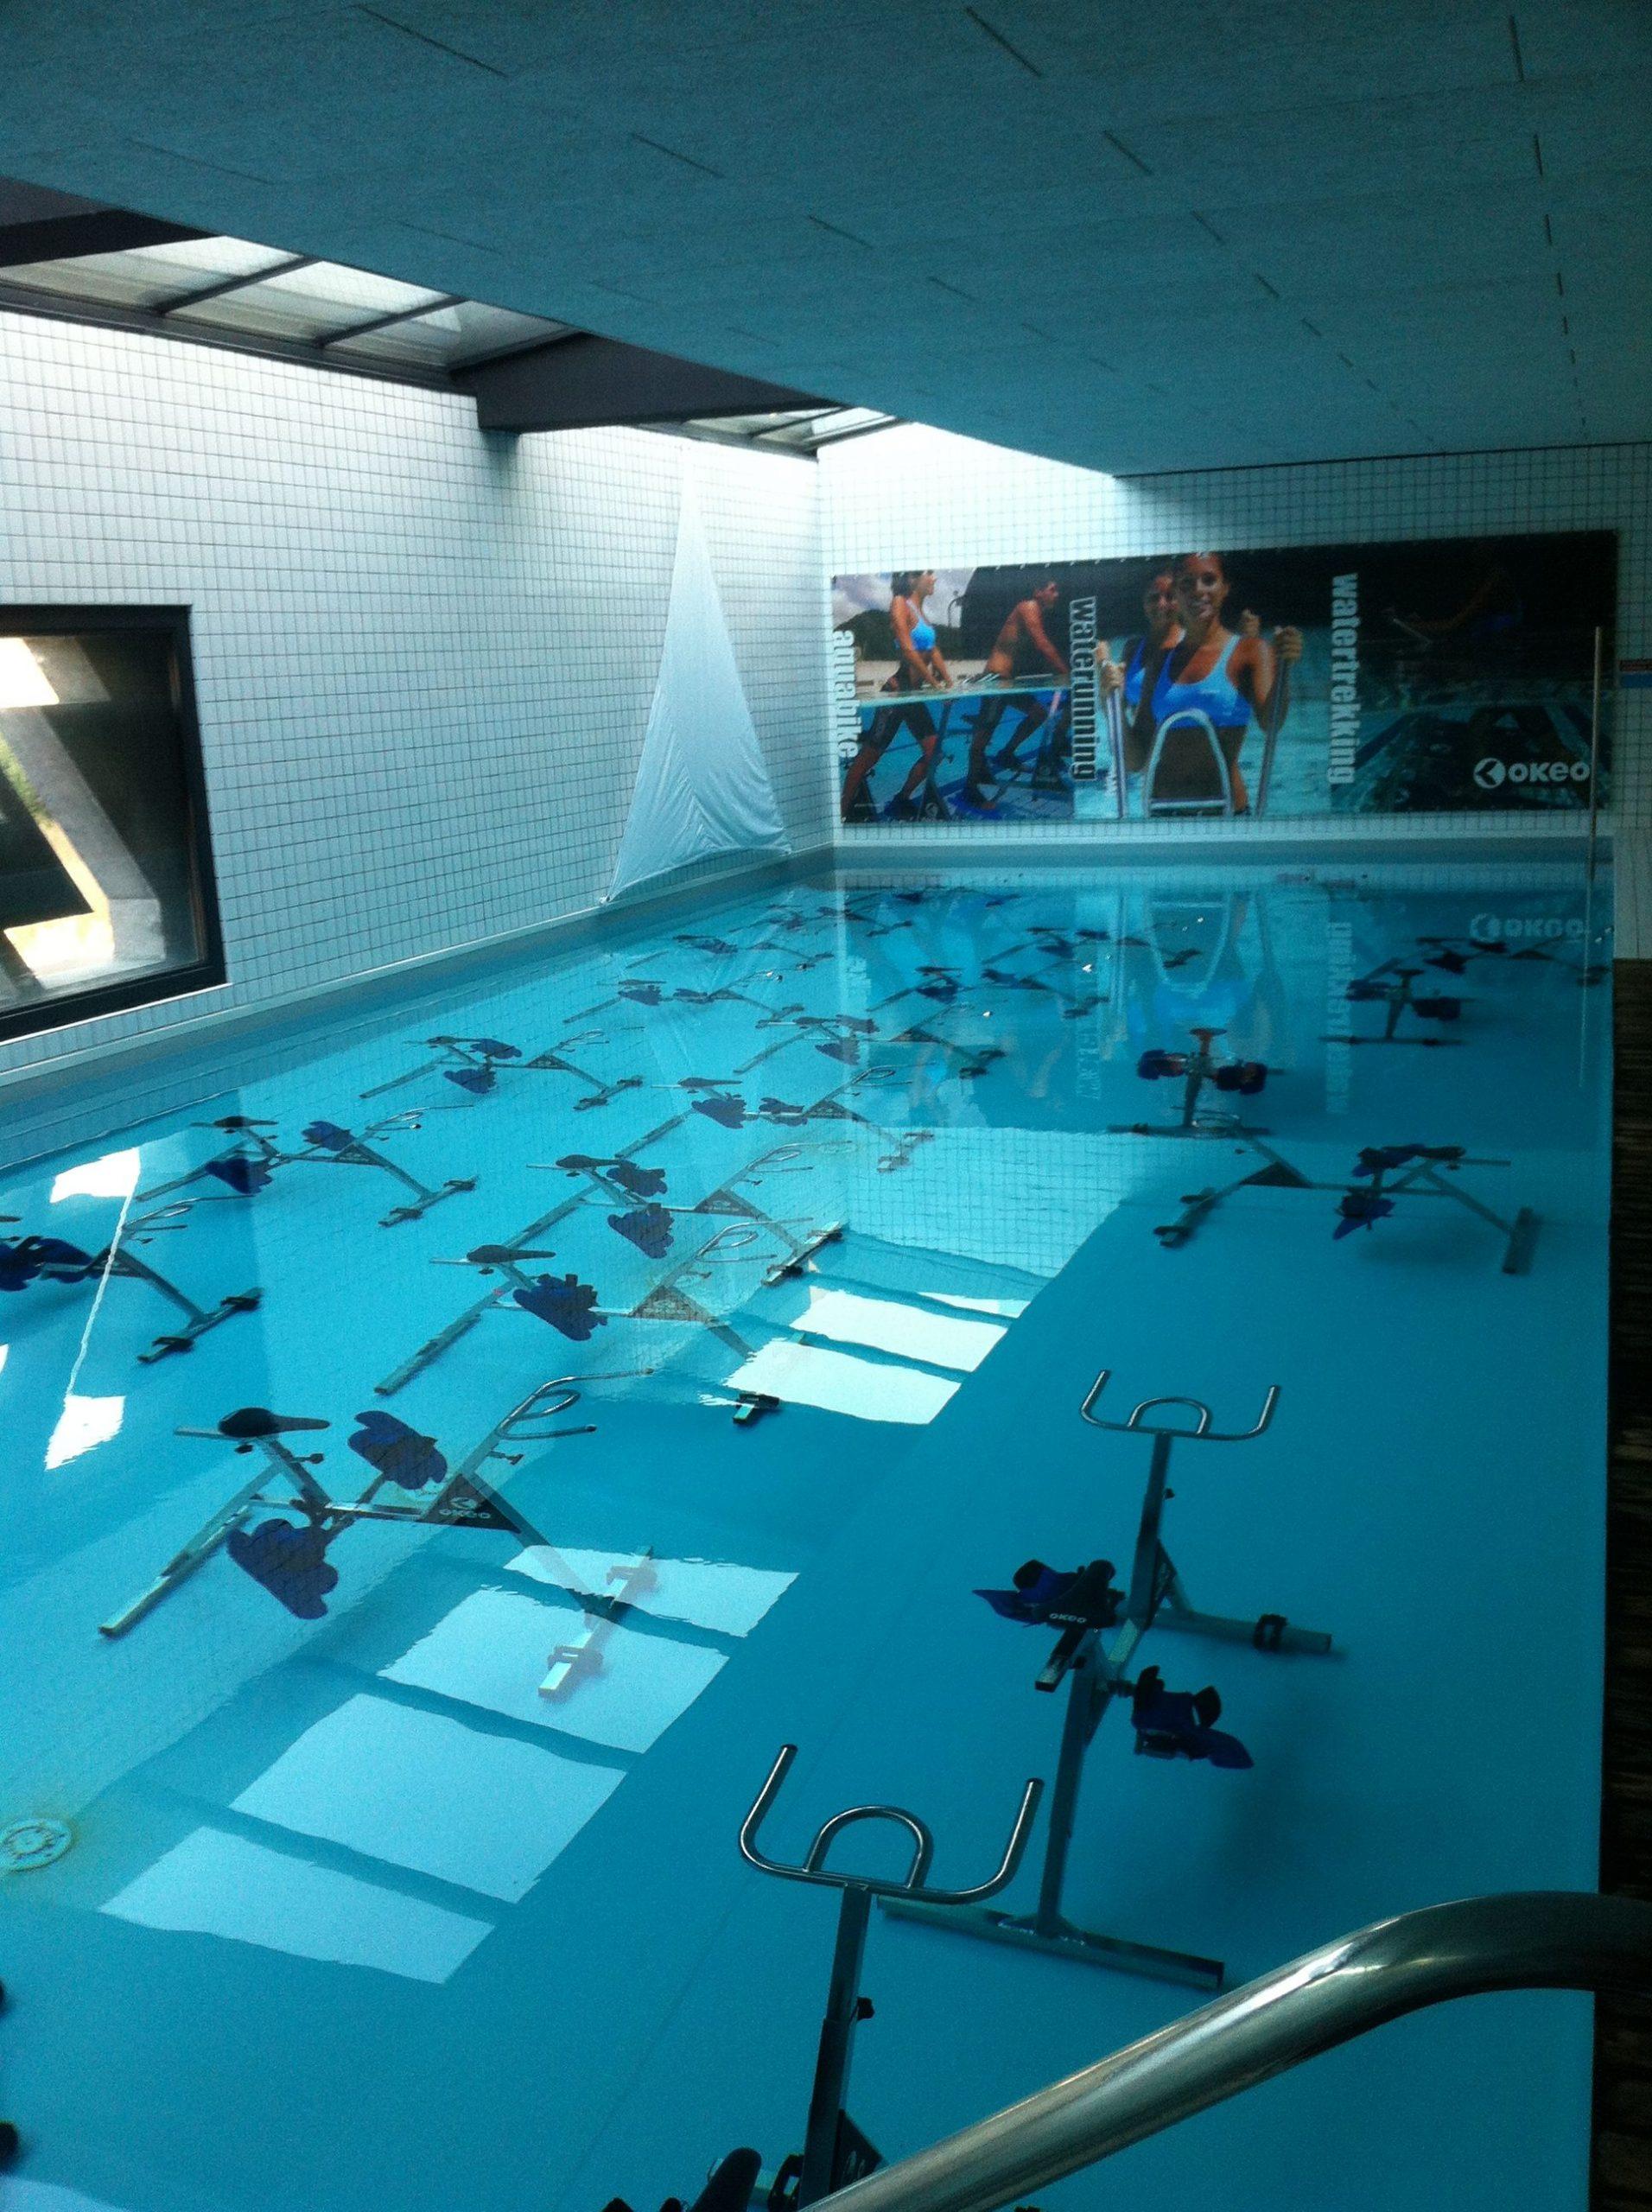 Bassin Aquabiking | Gym Design, Workout Rooms, Swimming Pools intérieur Piscine Aix Les Milles